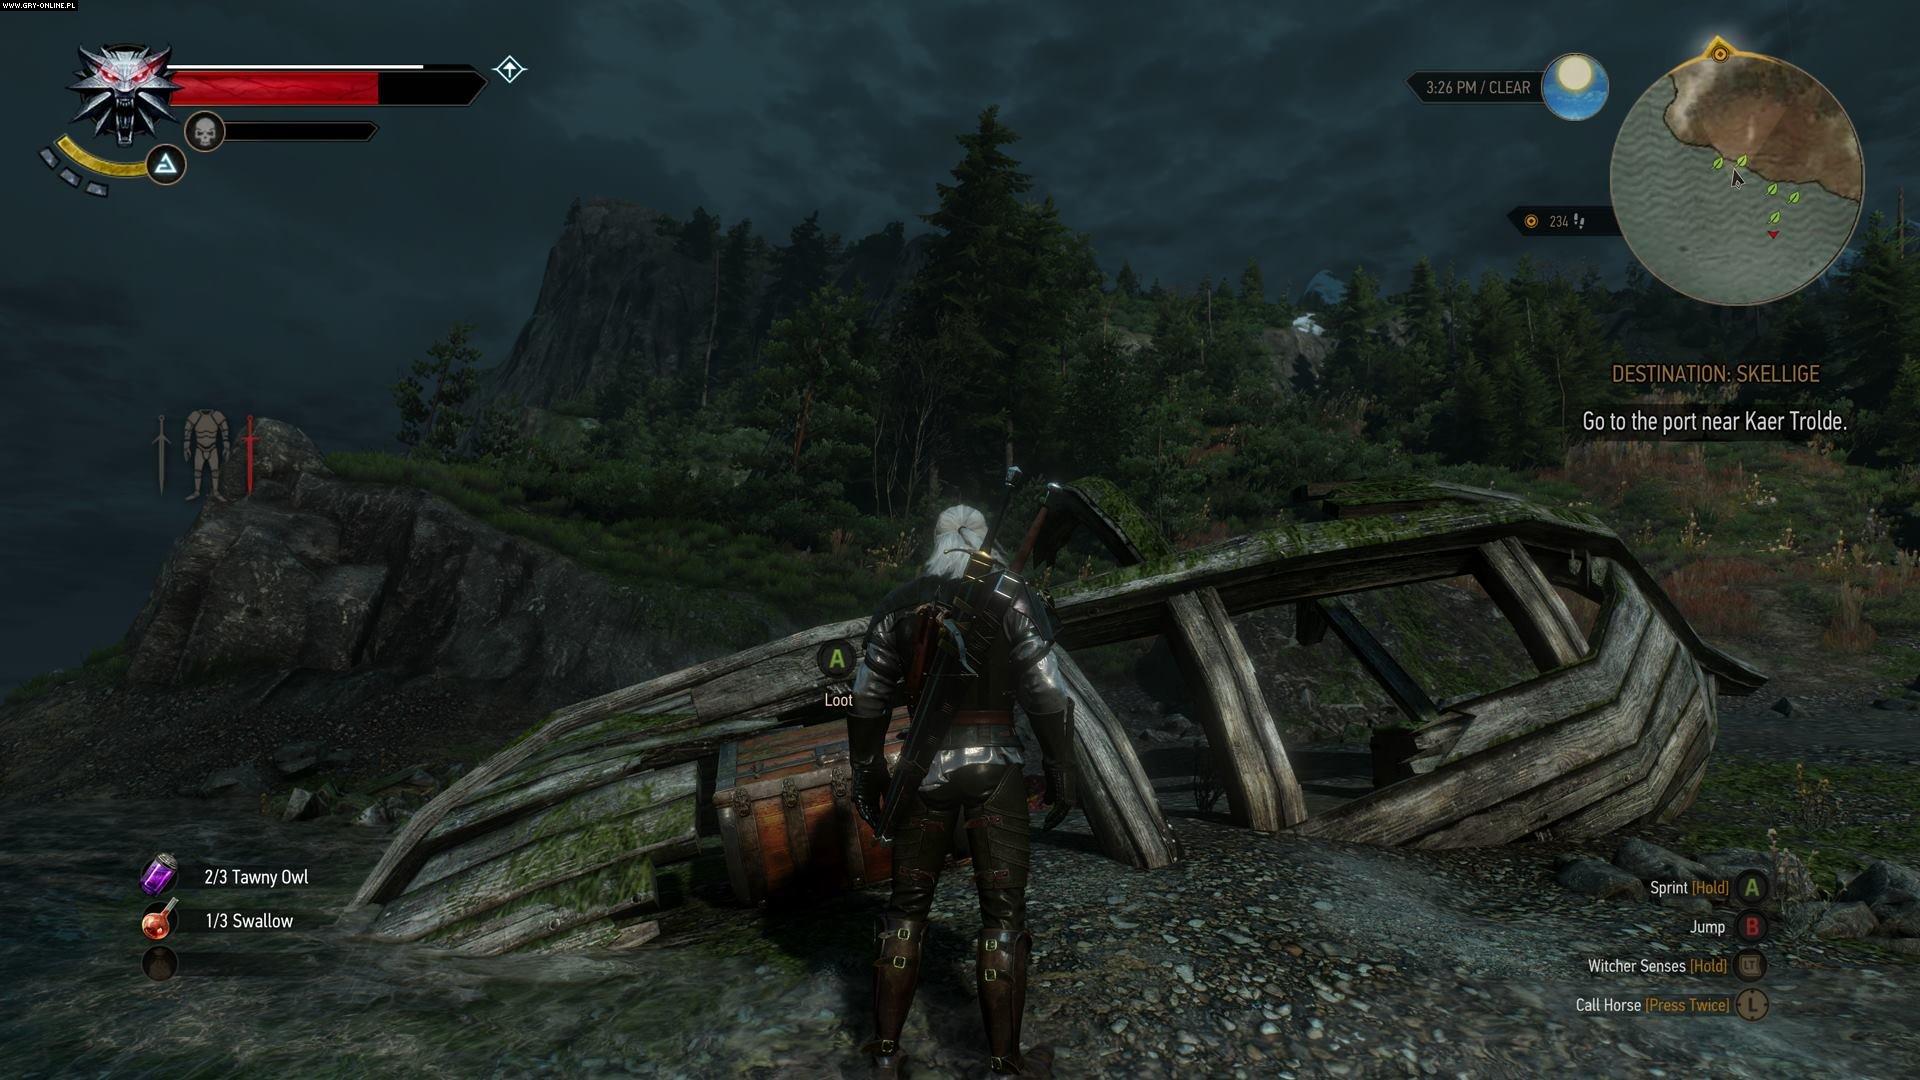 609187507.jpg - Witcher 3: Wild Hunt, the